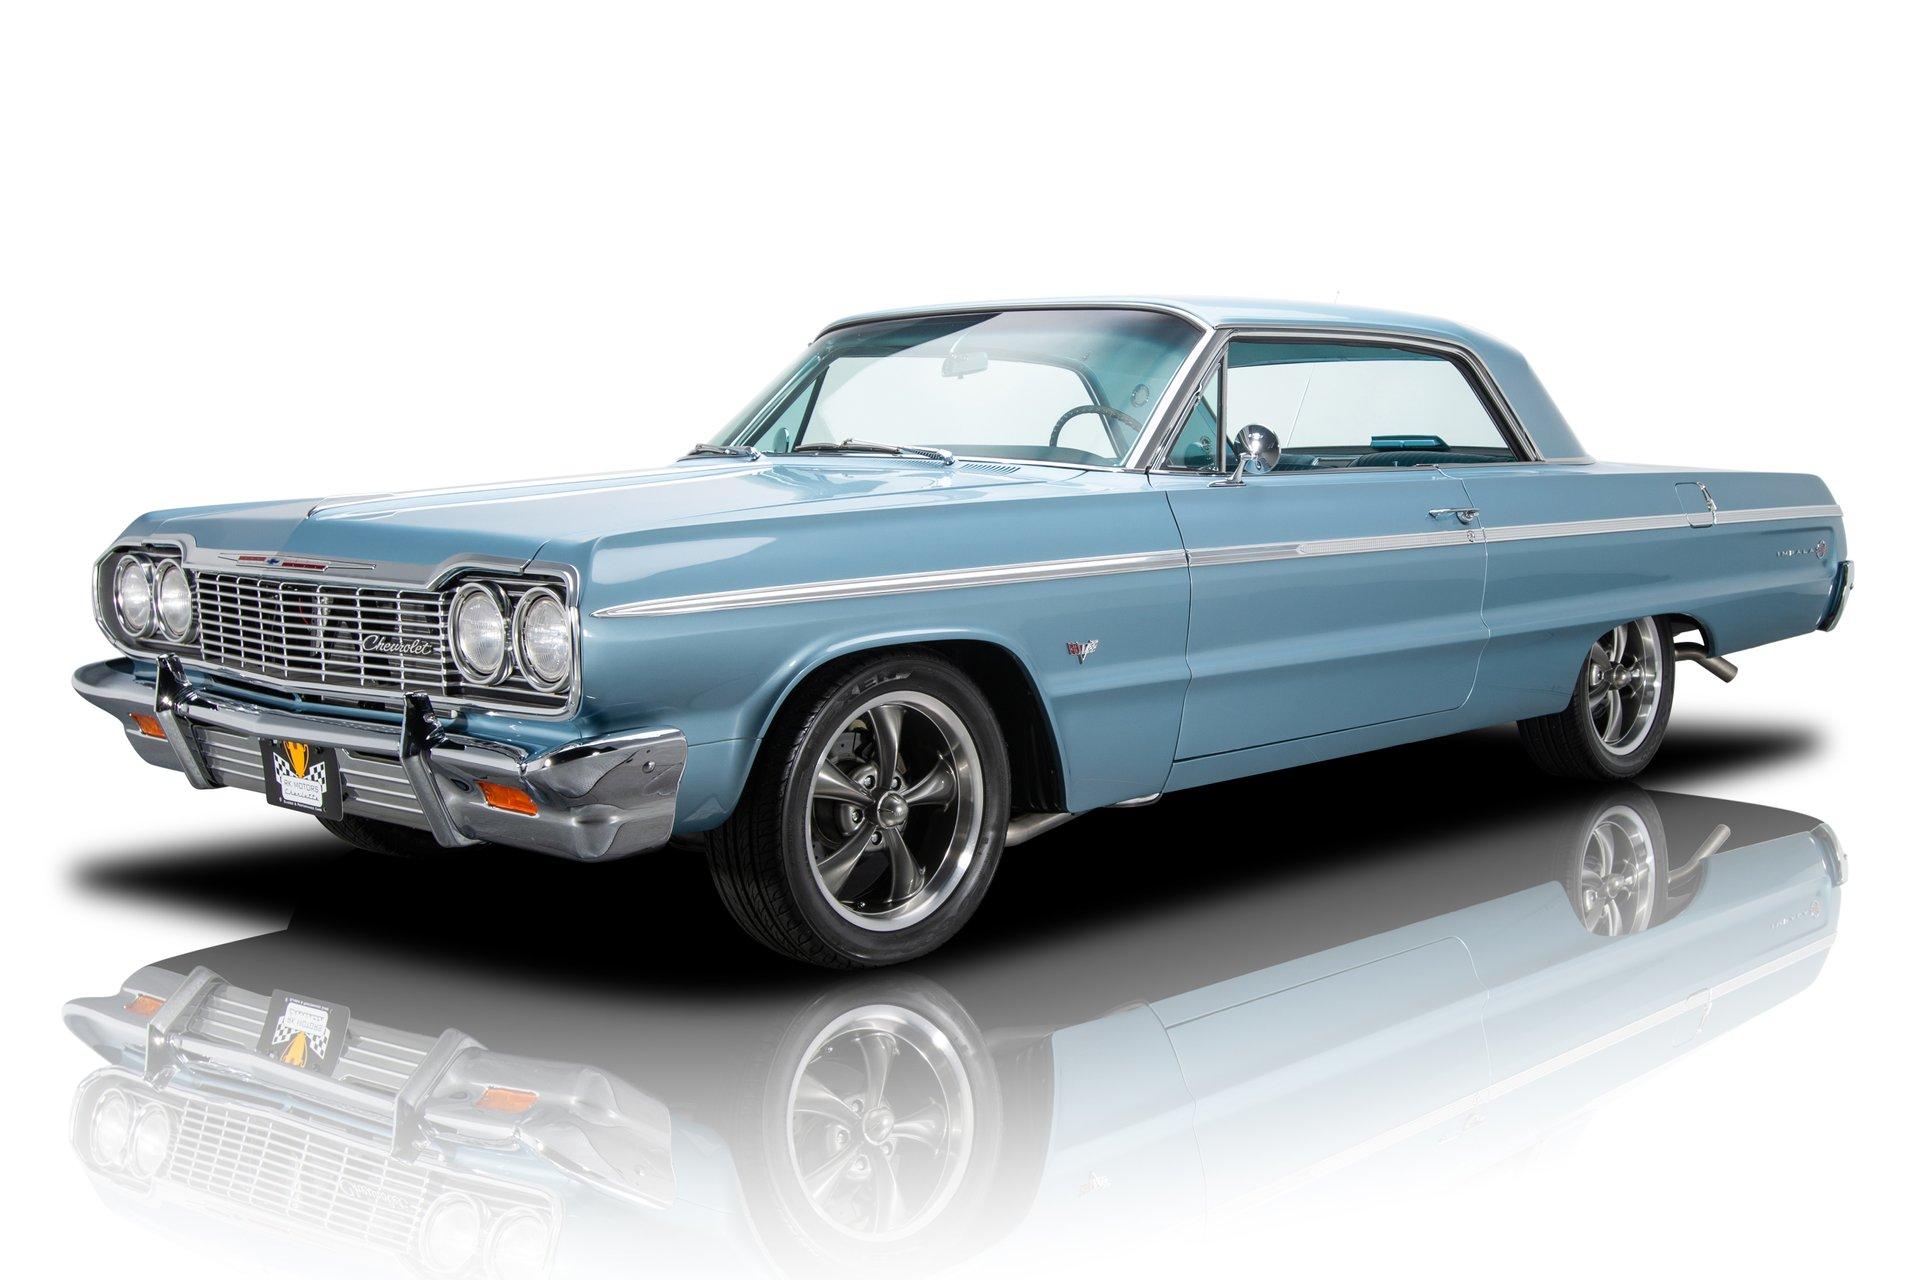 Kelebihan Kekurangan Chevrolet Impala 64 Perbandingan Harga